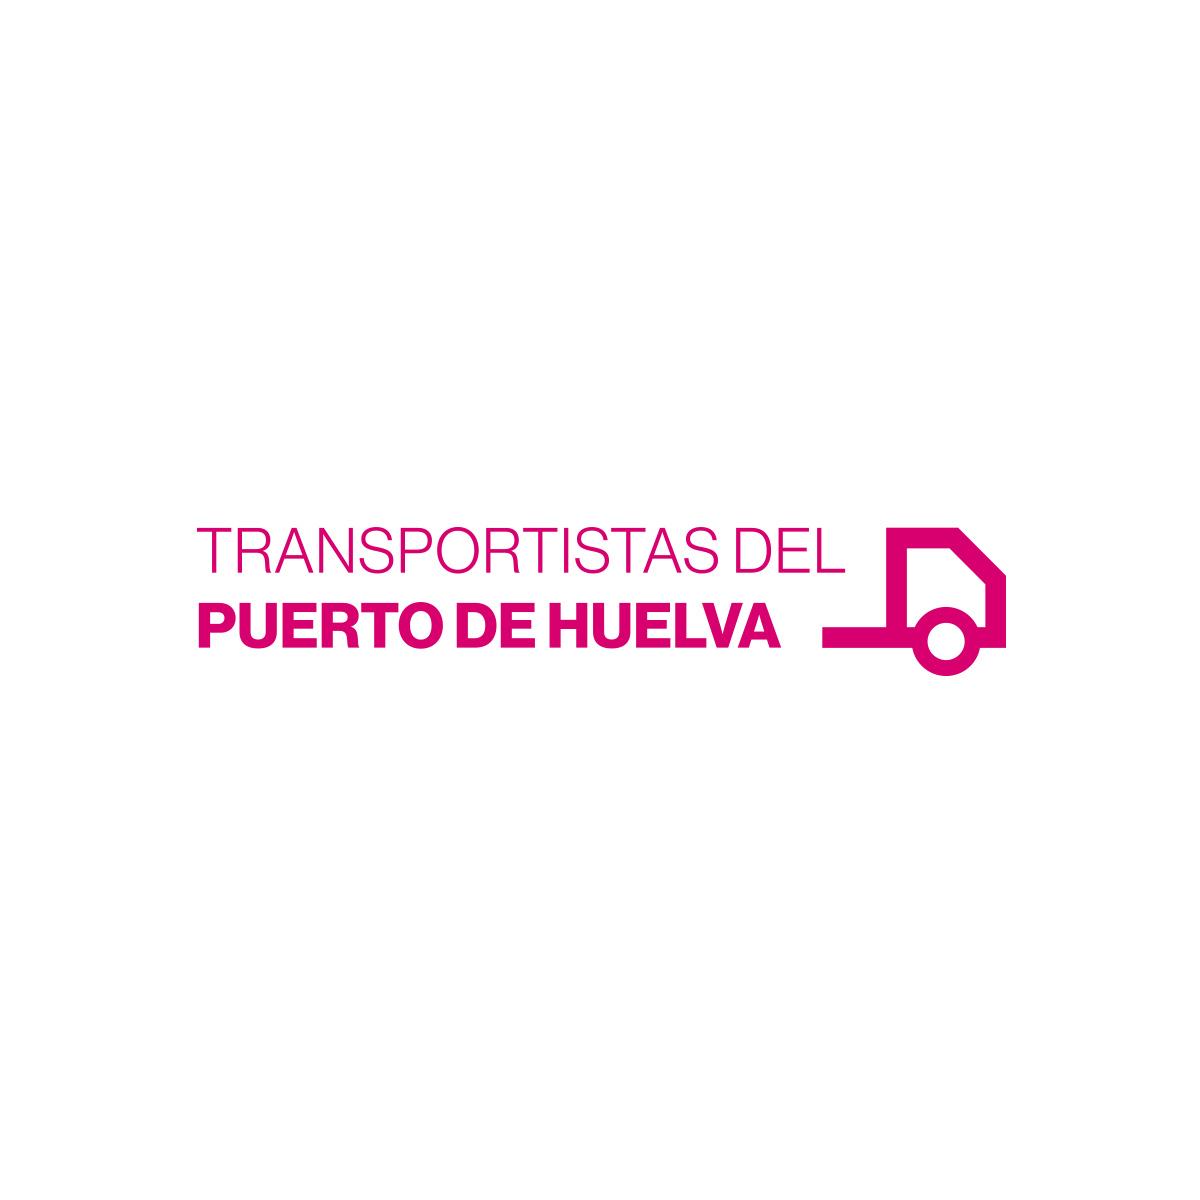 Transportistas del Puerto de Huelva